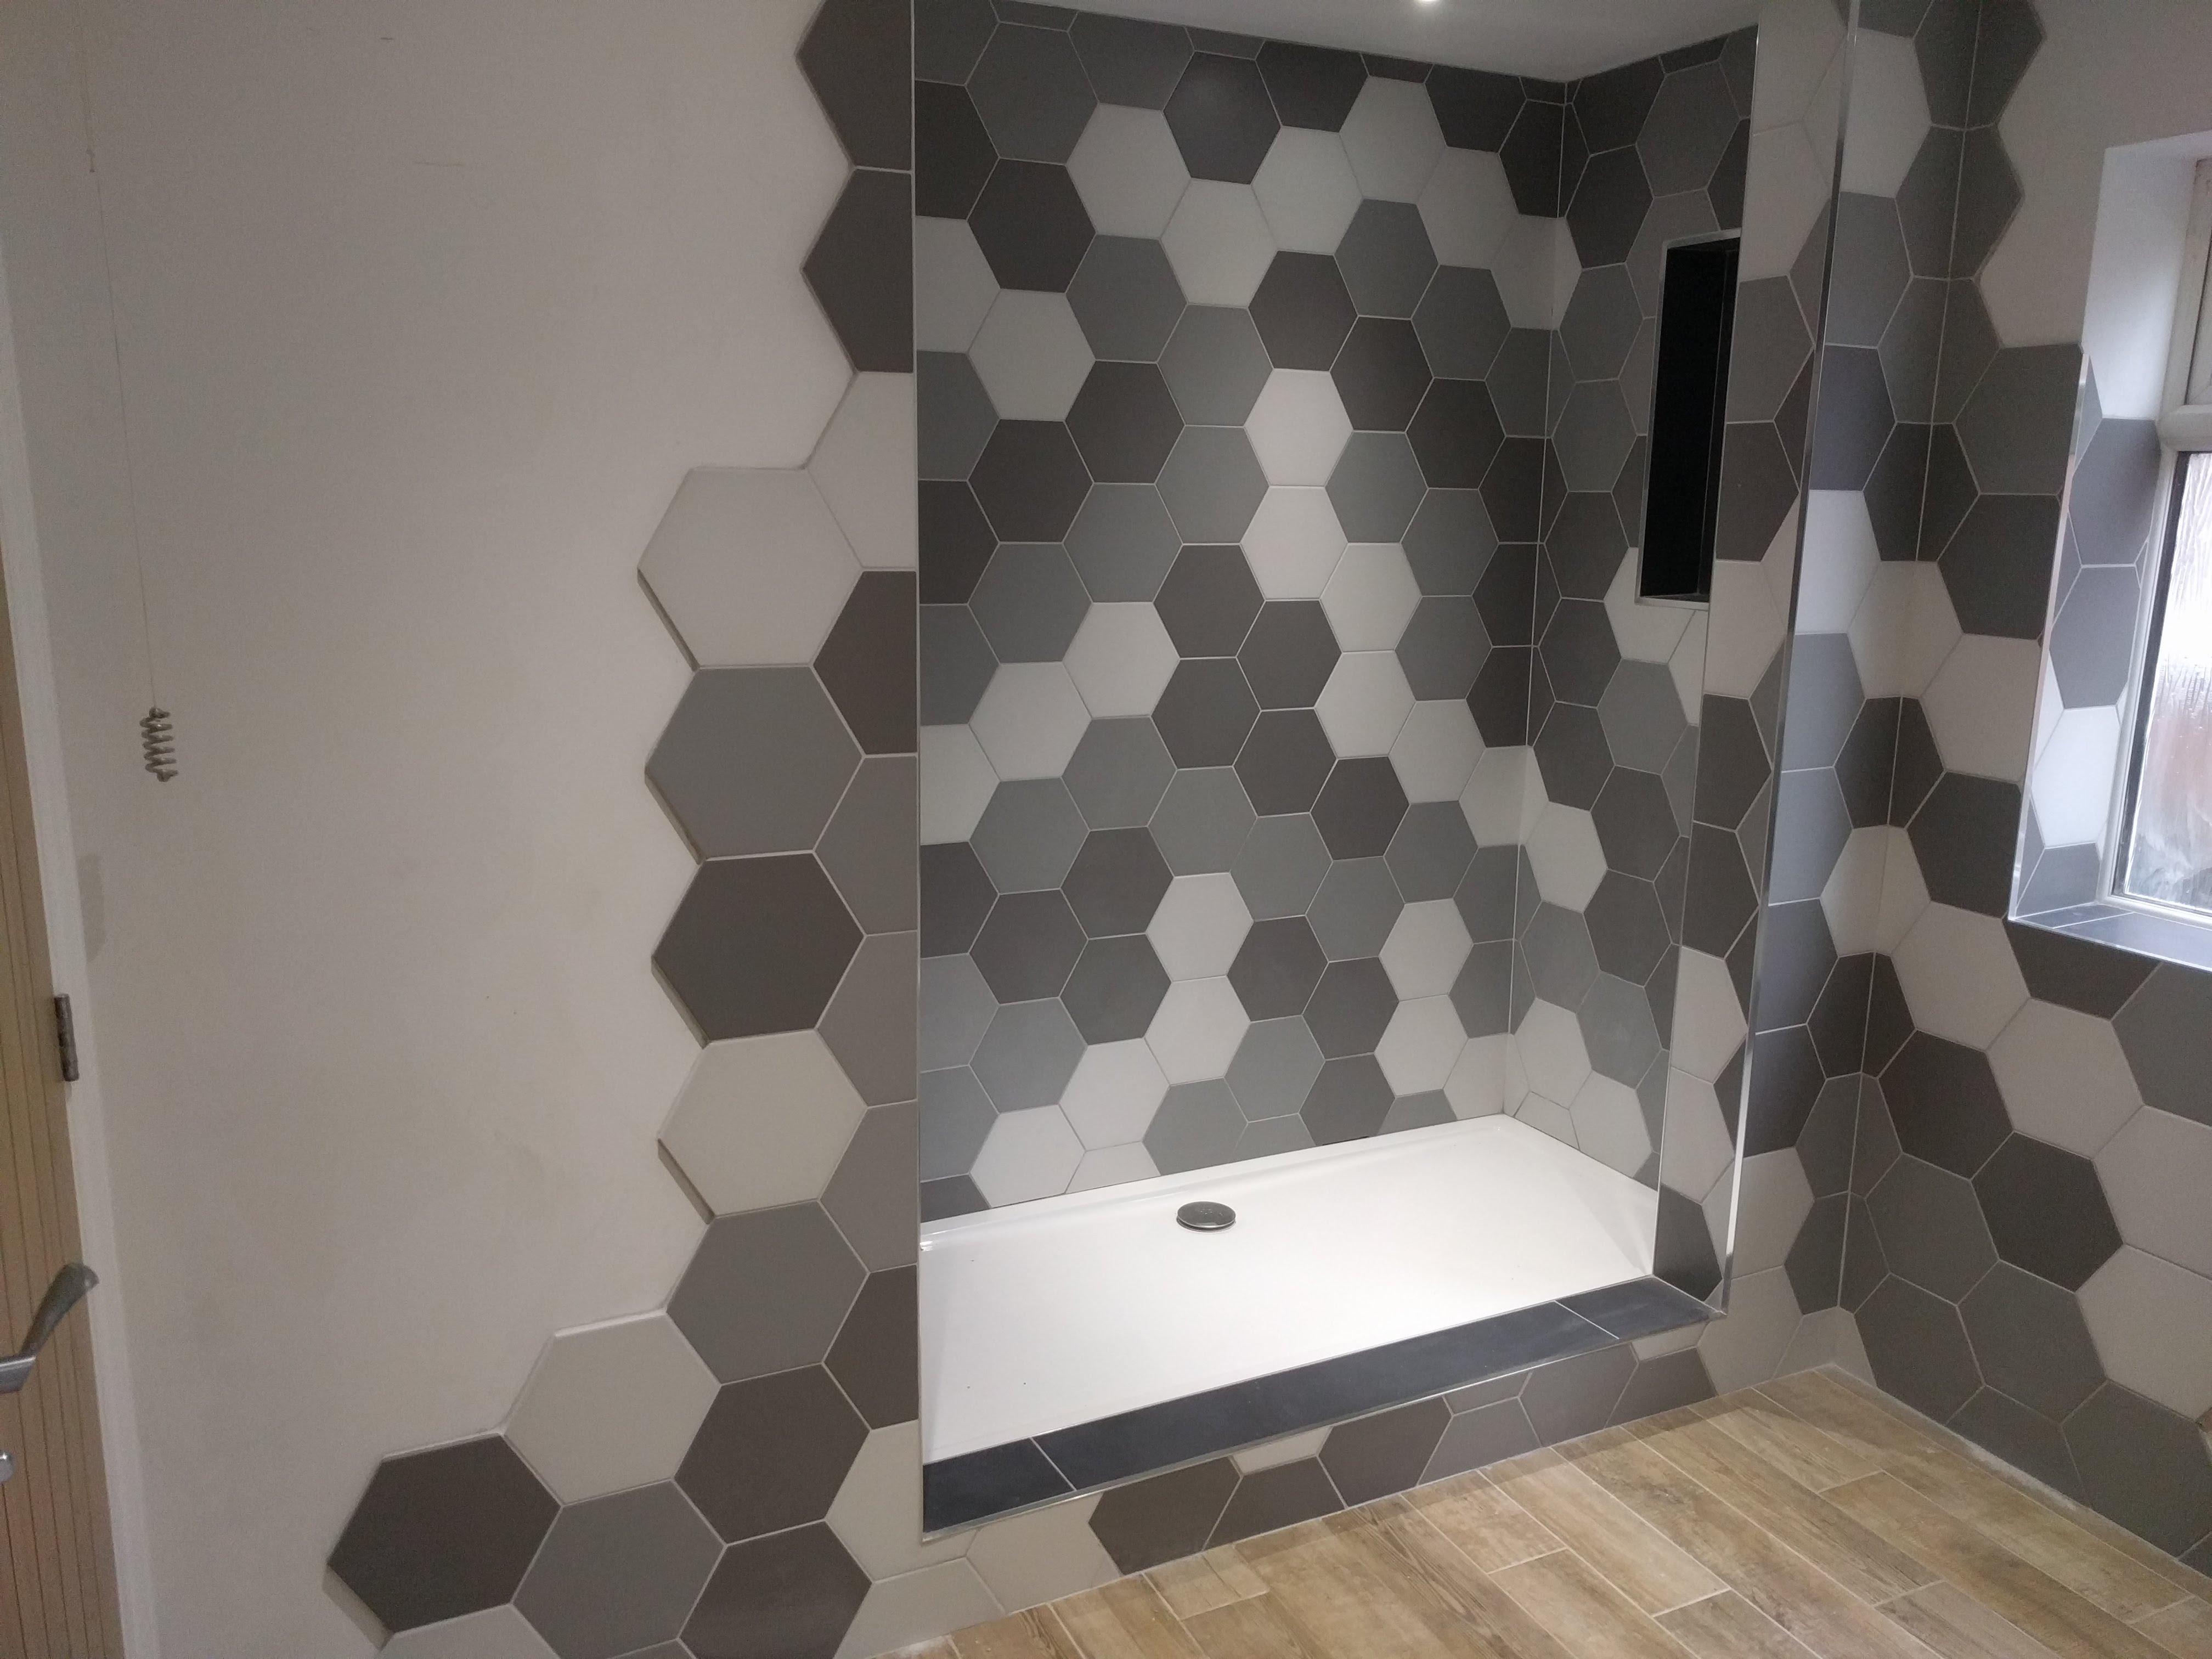 Finished bathroom hexagonal tiles tilers talk - How do you tile a bathroom floor ...